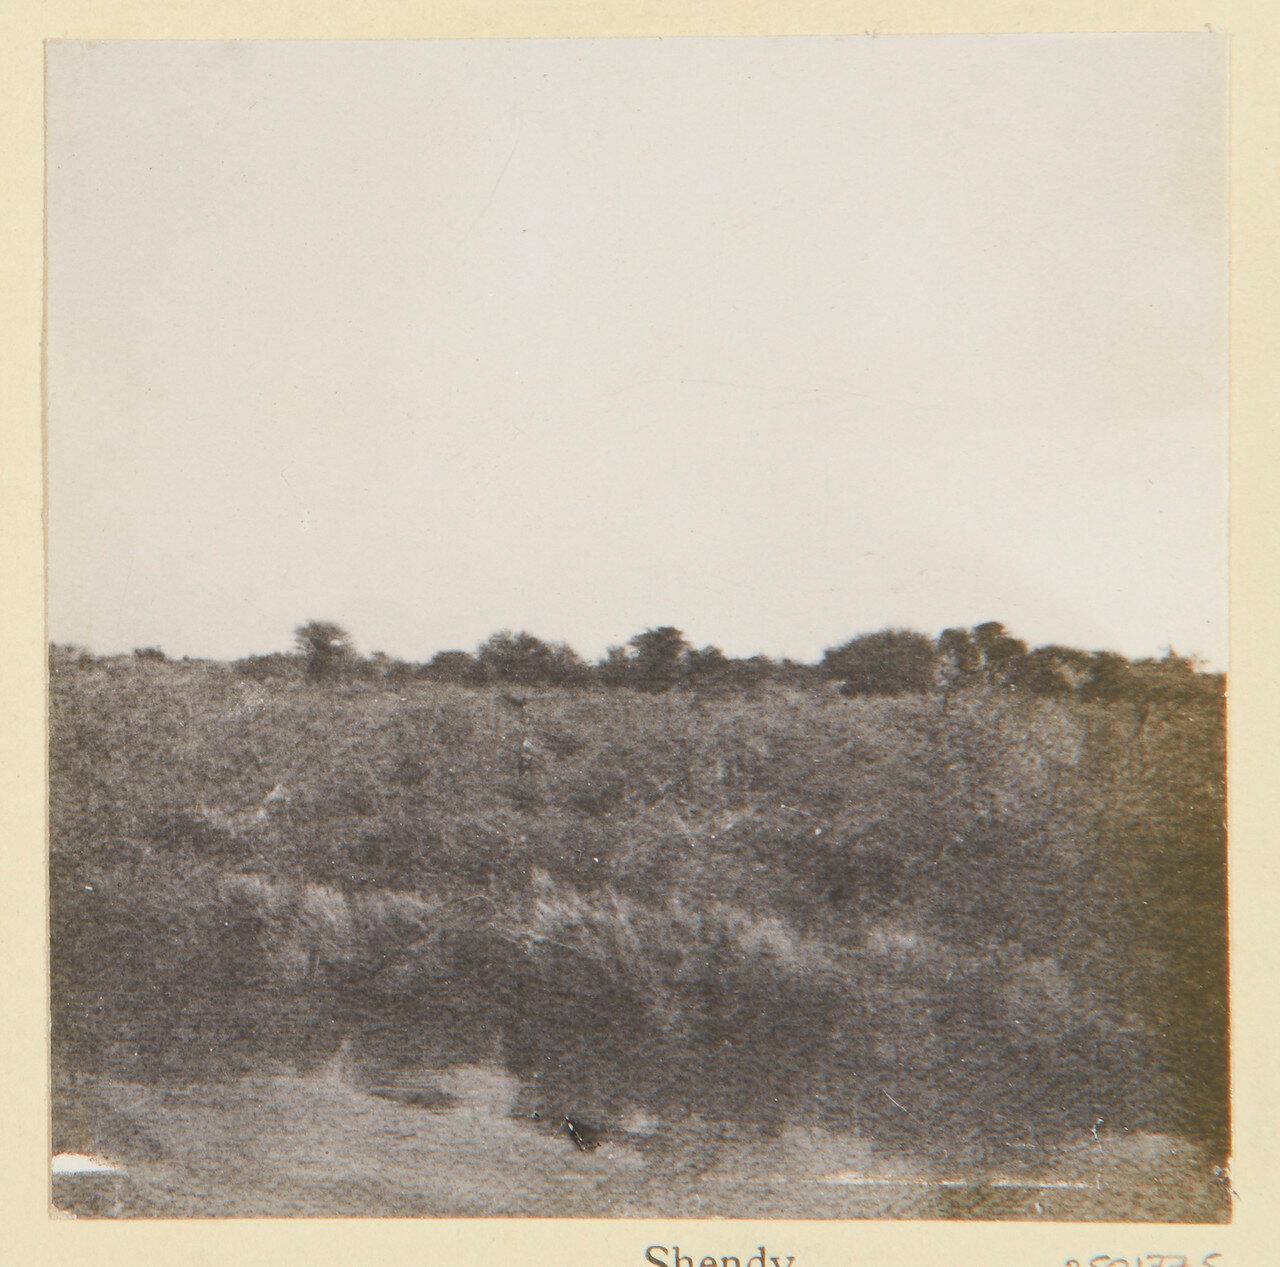 Отдаленный вид Шенди, города в северном Судане